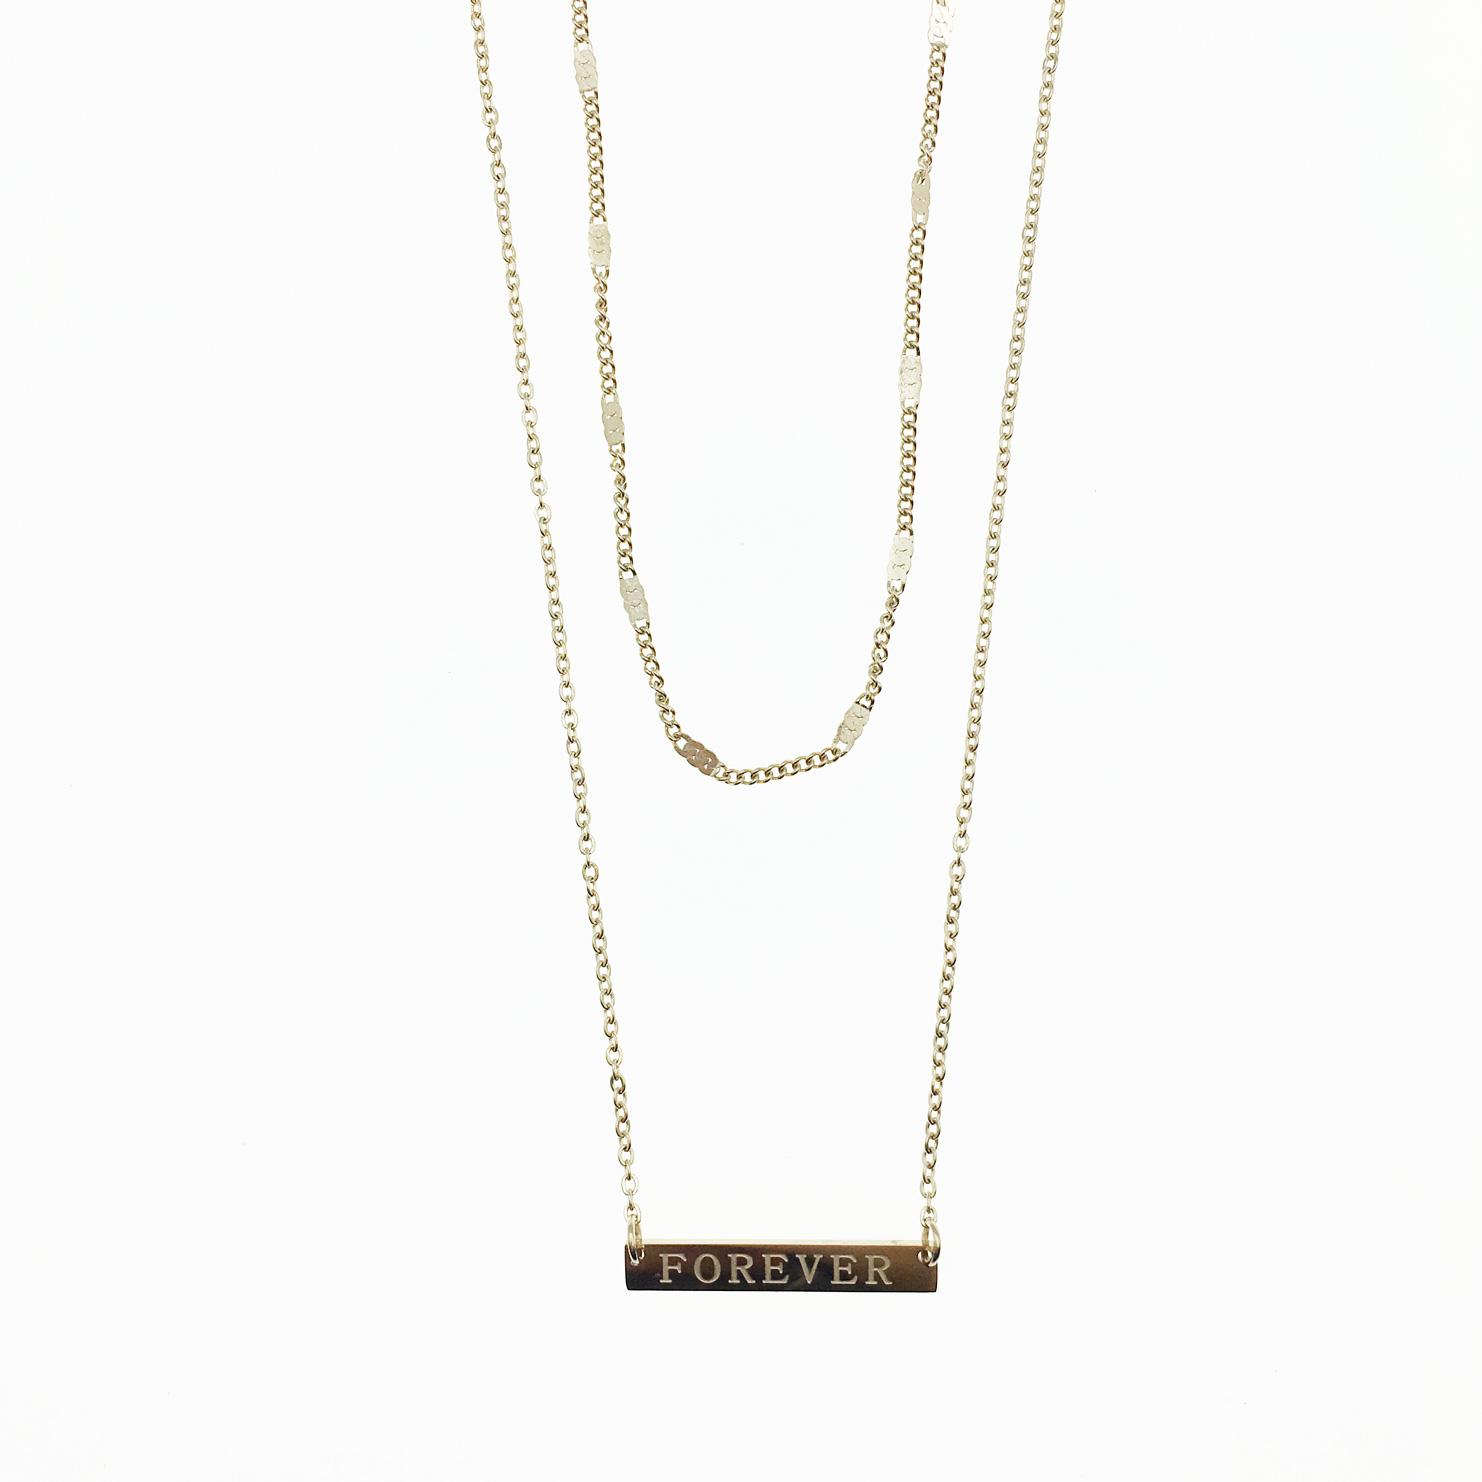 韓國 不鏽鋼 雙鍊 FOREVER吊牌 玫瑰金 項鍊